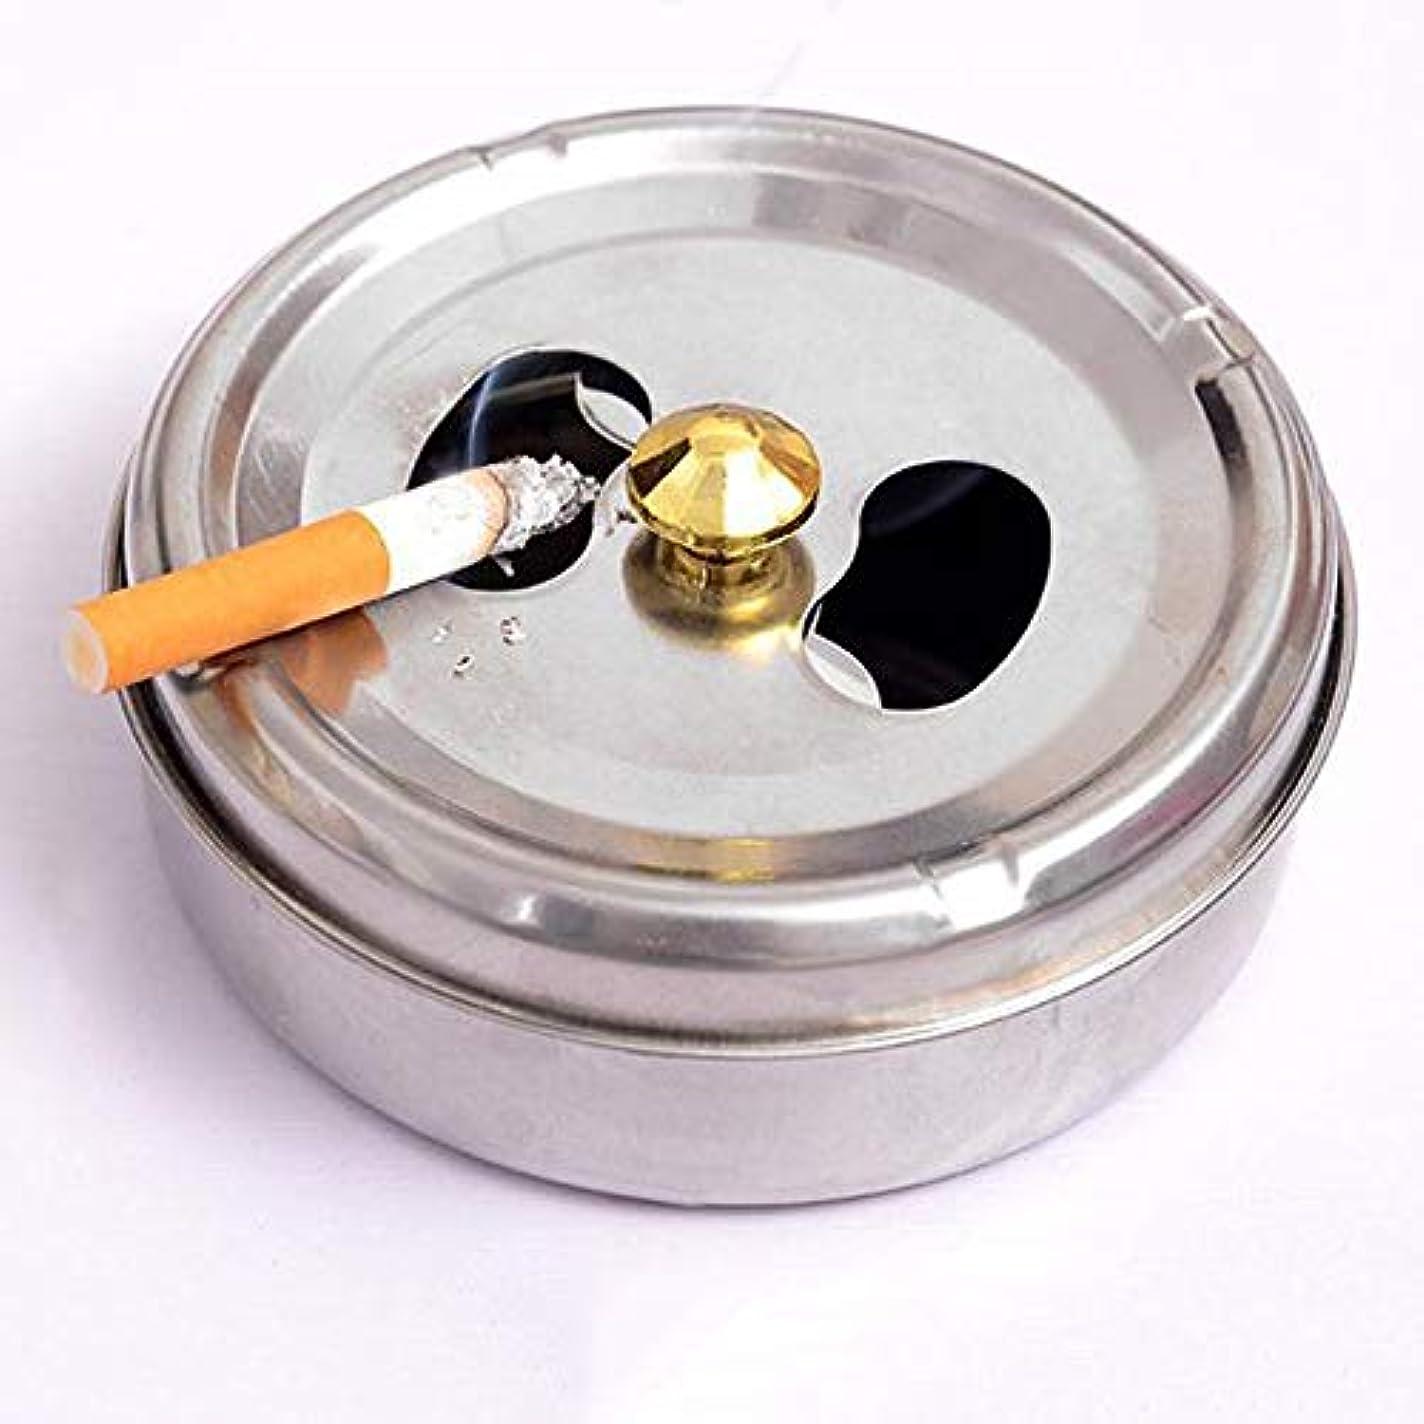 禁止簿記係バーチャルステンレス鋼ドラム形状現代防風無煙卓上灰皿シガーシガー灰ホルダー付き蓋カバー (Size : L)